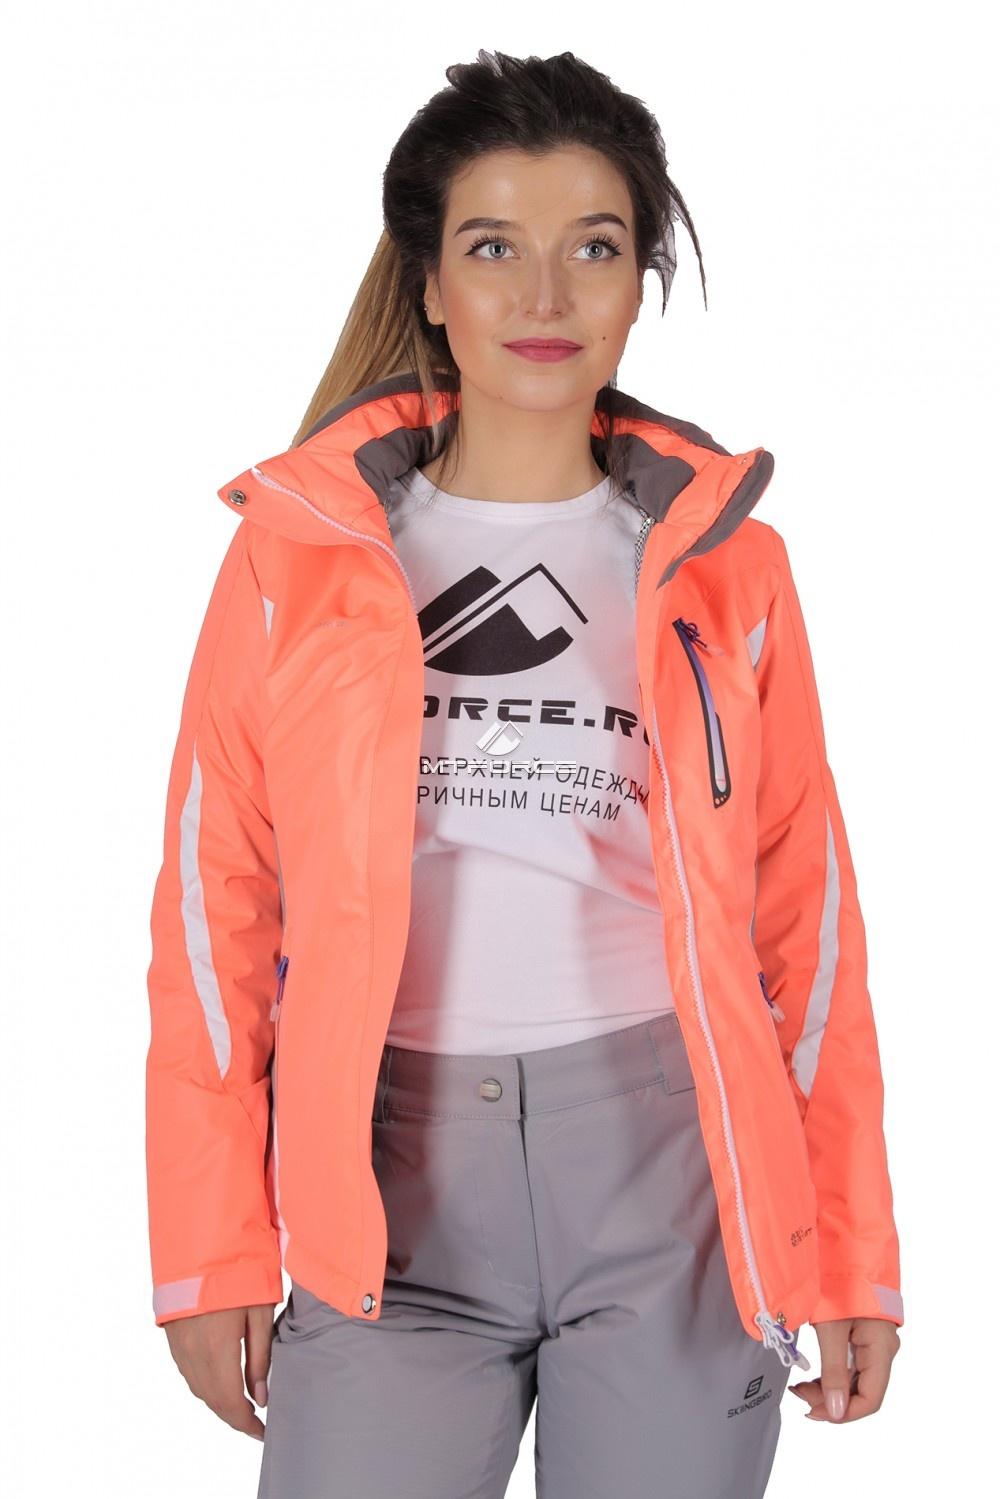 Купить                                  оптом Куртка спортивная женская осень весна персиковый цвета 1717P